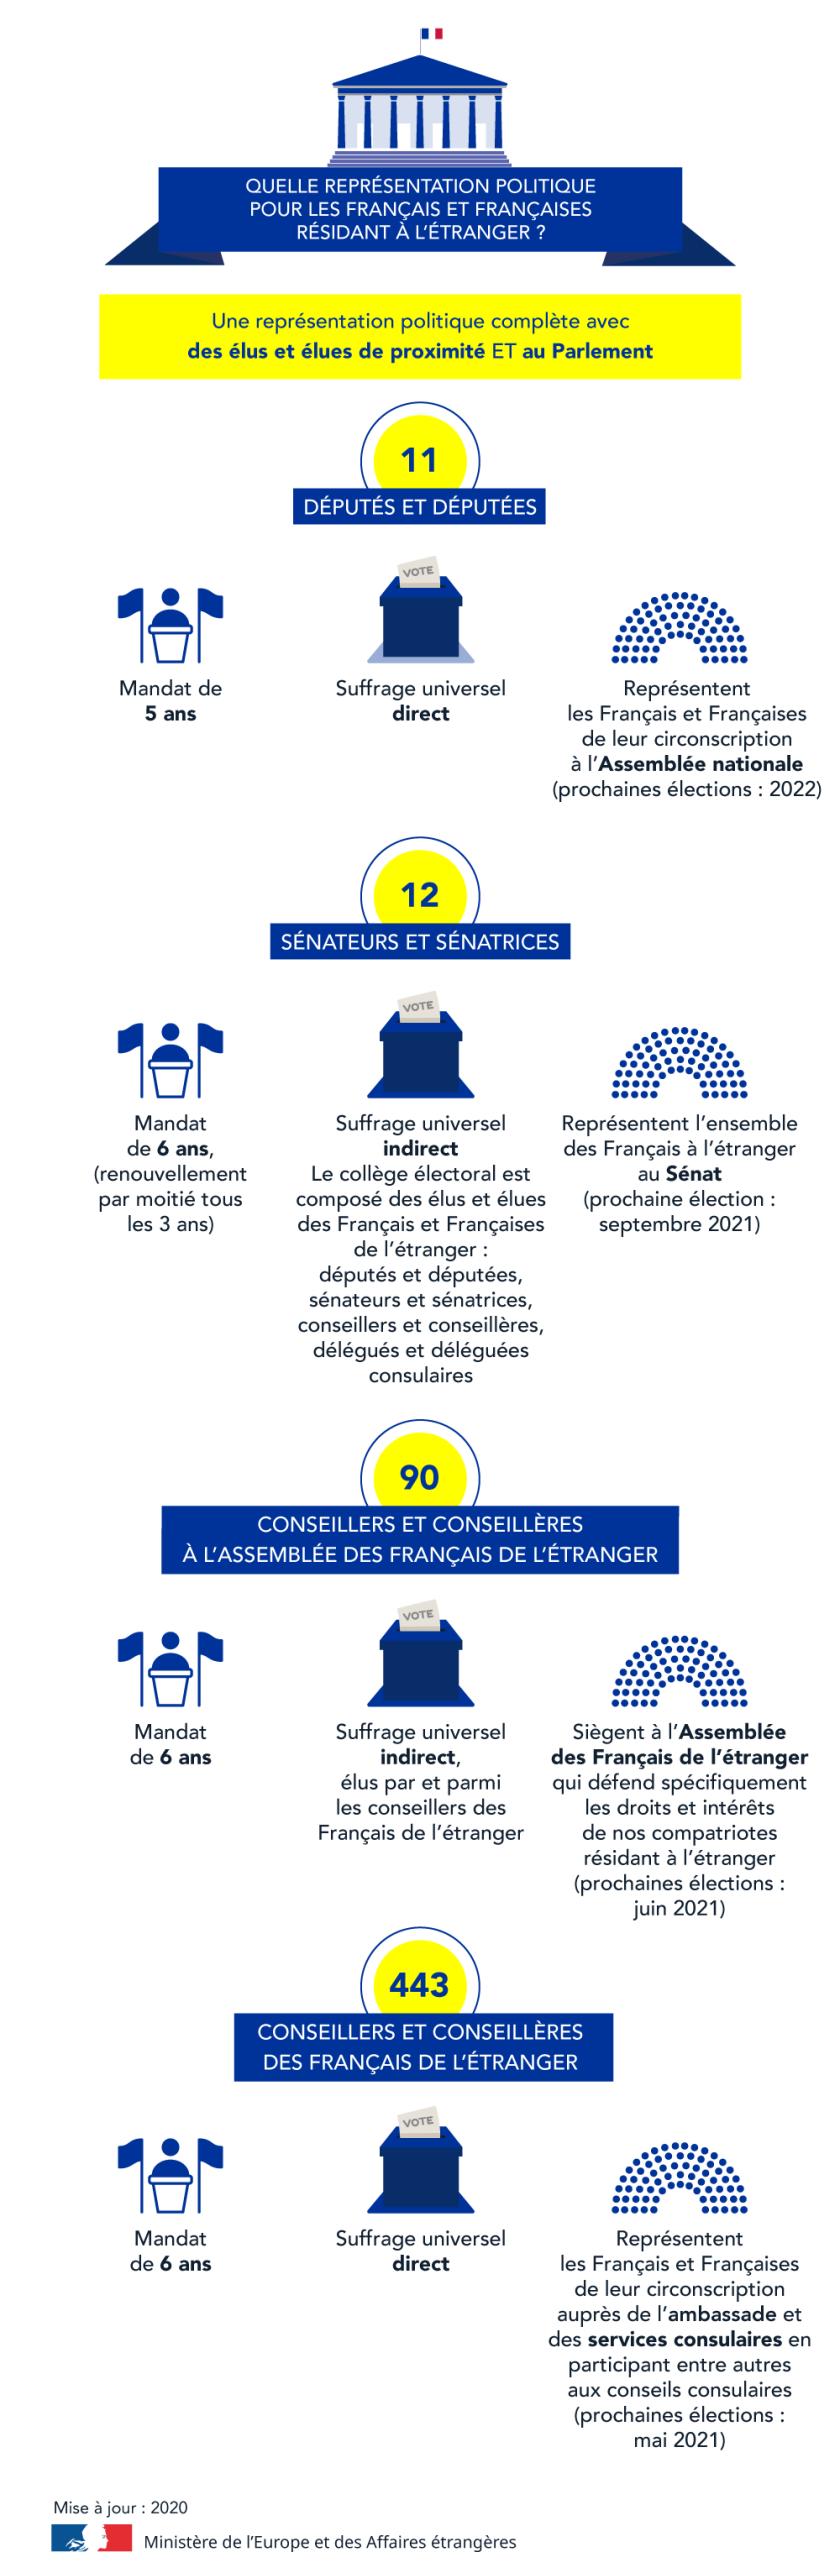 infographie_elections_legislatives_representants_des_fr_de_letranger_aout2020_3_cle8d416b